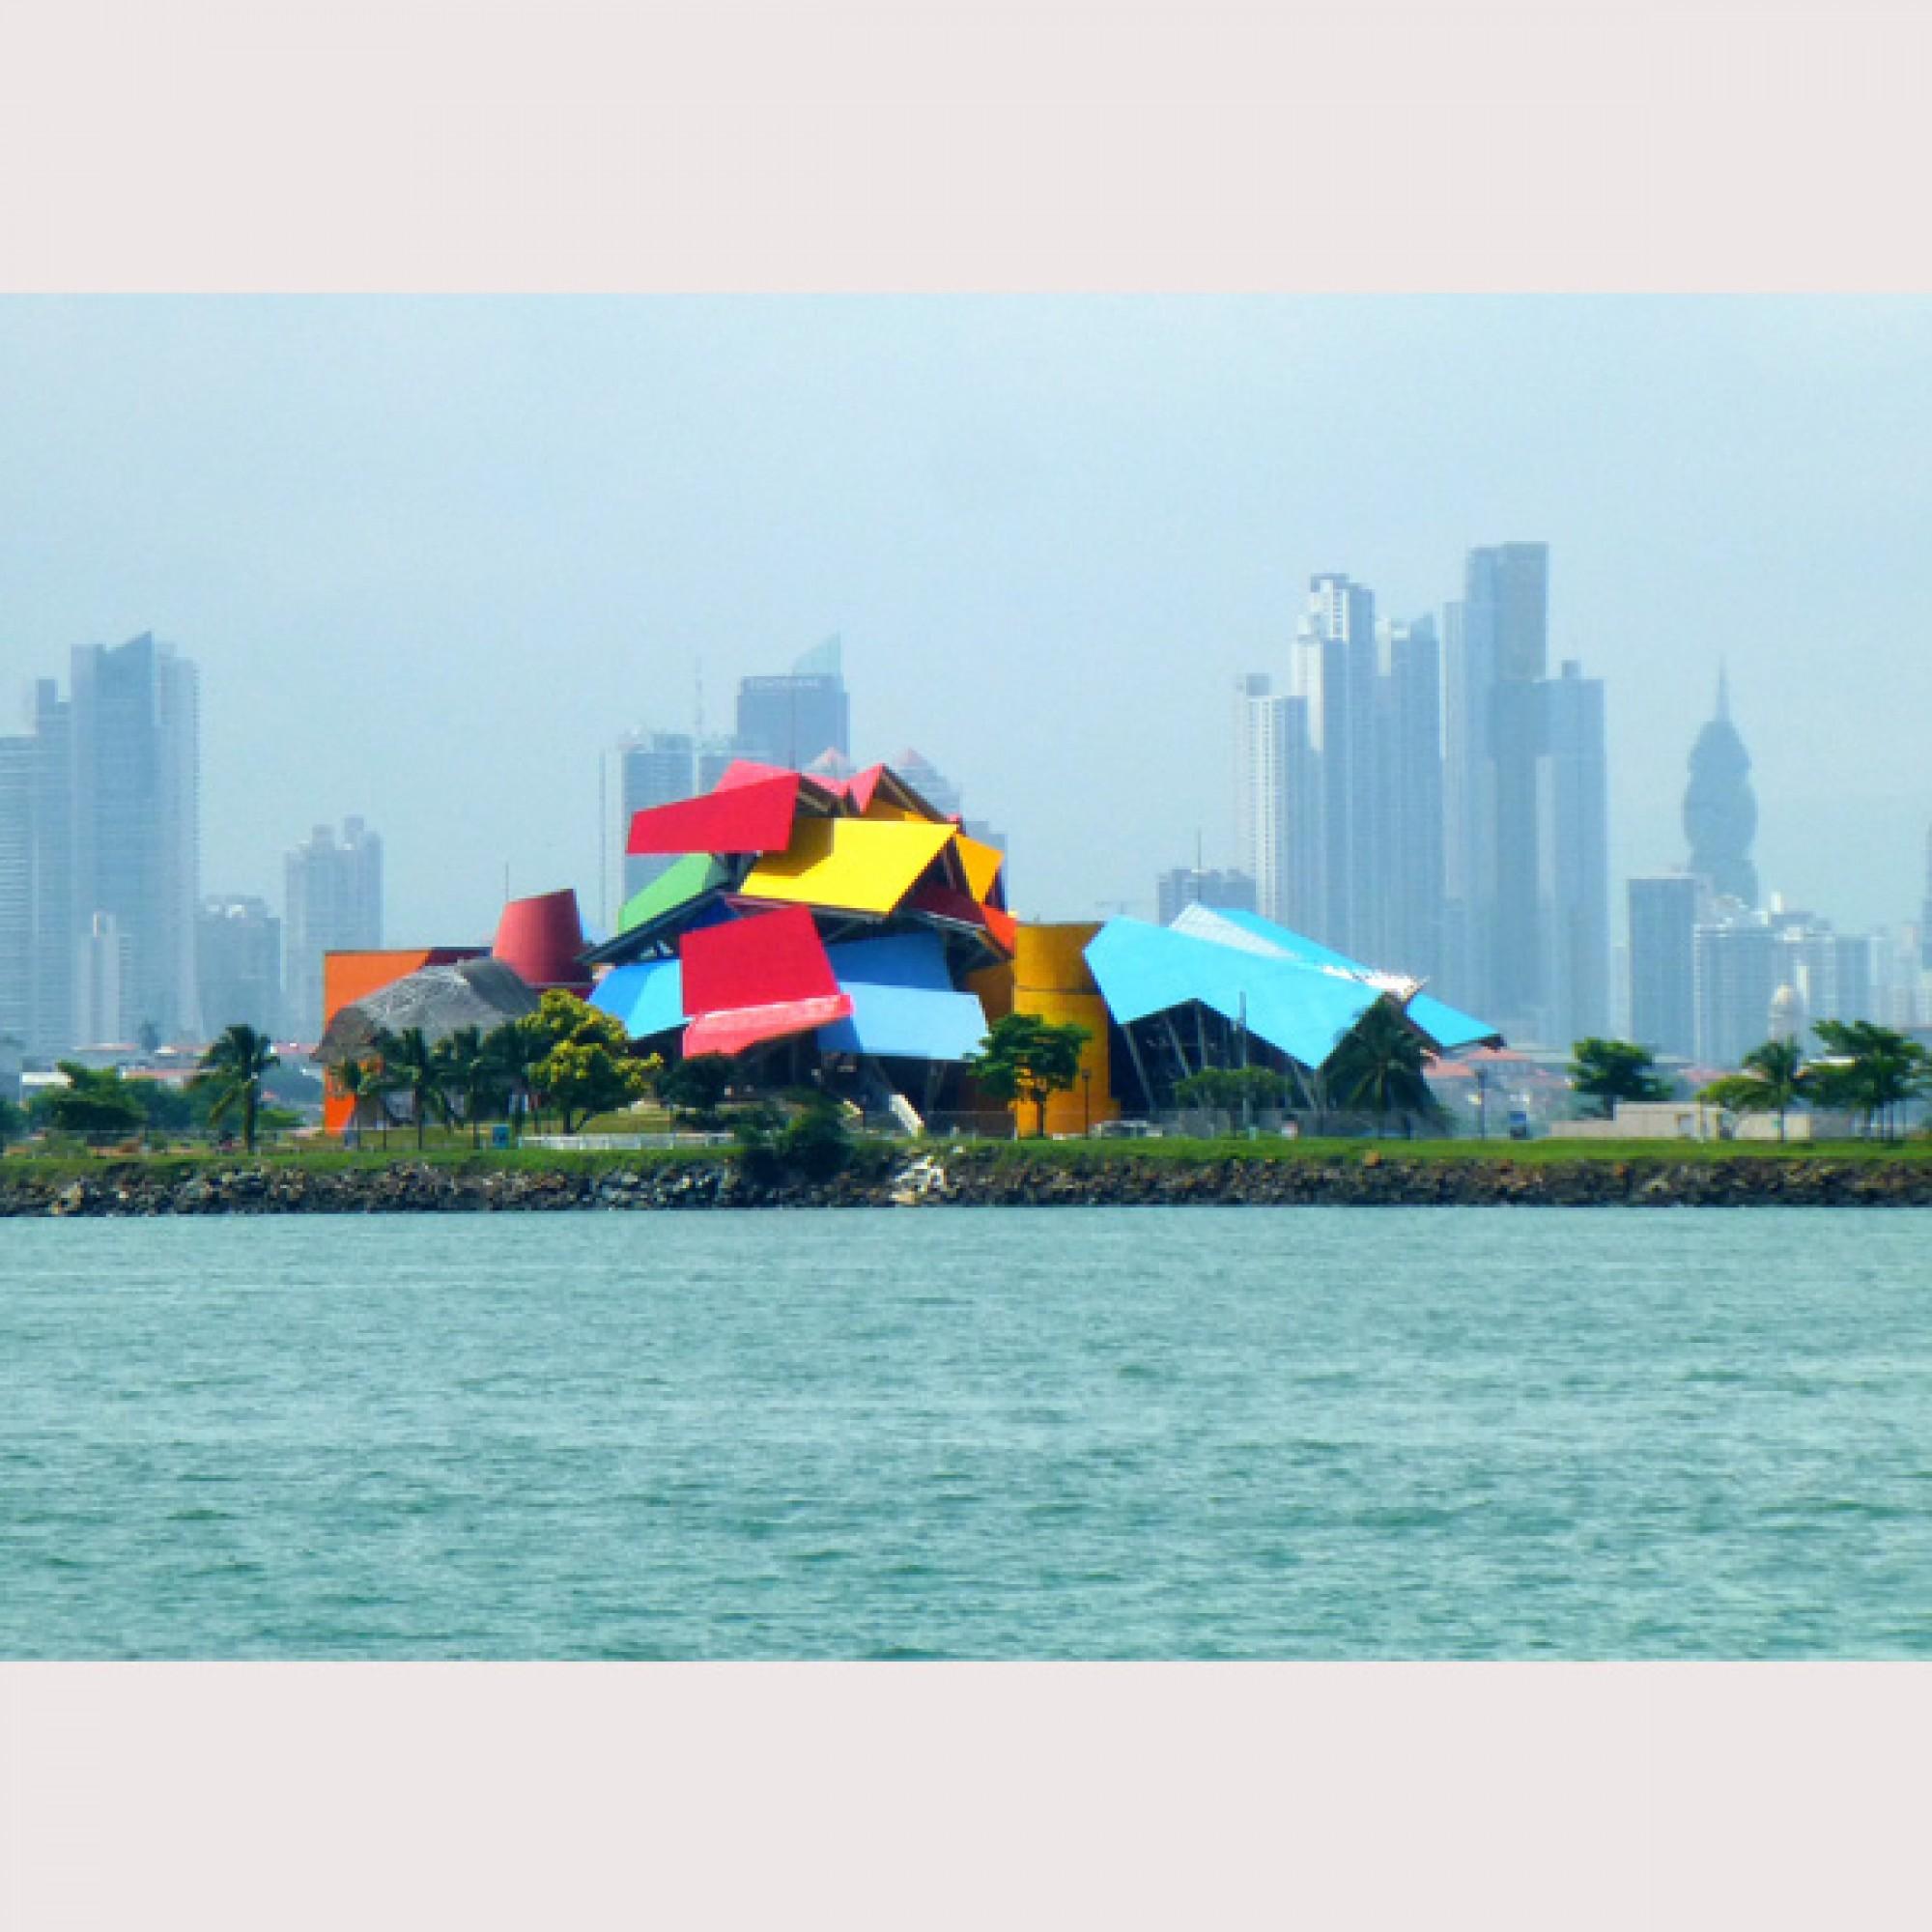 Das Biomuseo von Frank Gehry im Jahr 2013 (flickr.com, F Delventhal, CC)